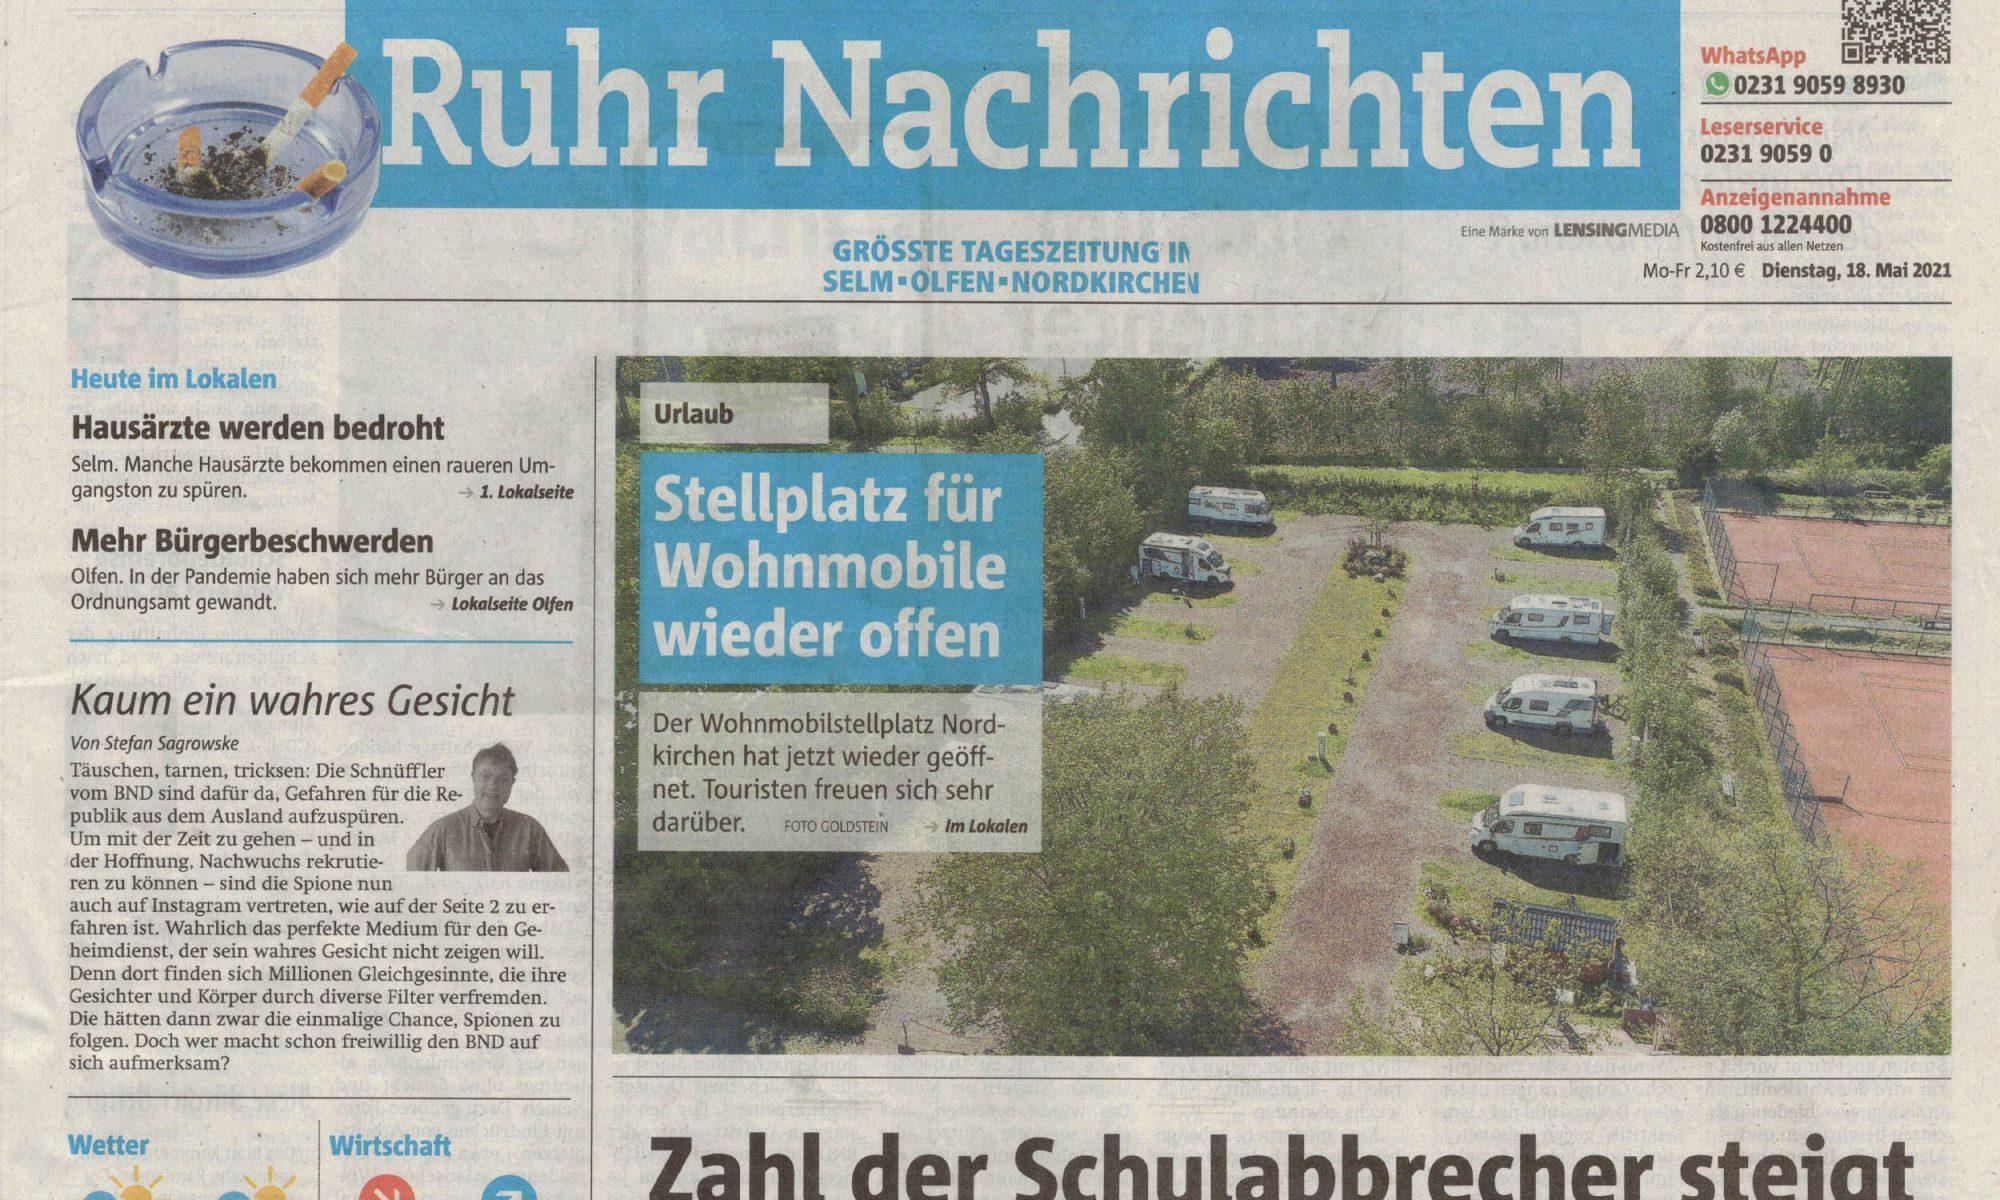 Ruhrnachrichten - Titelseite vom 18. Mai 2021